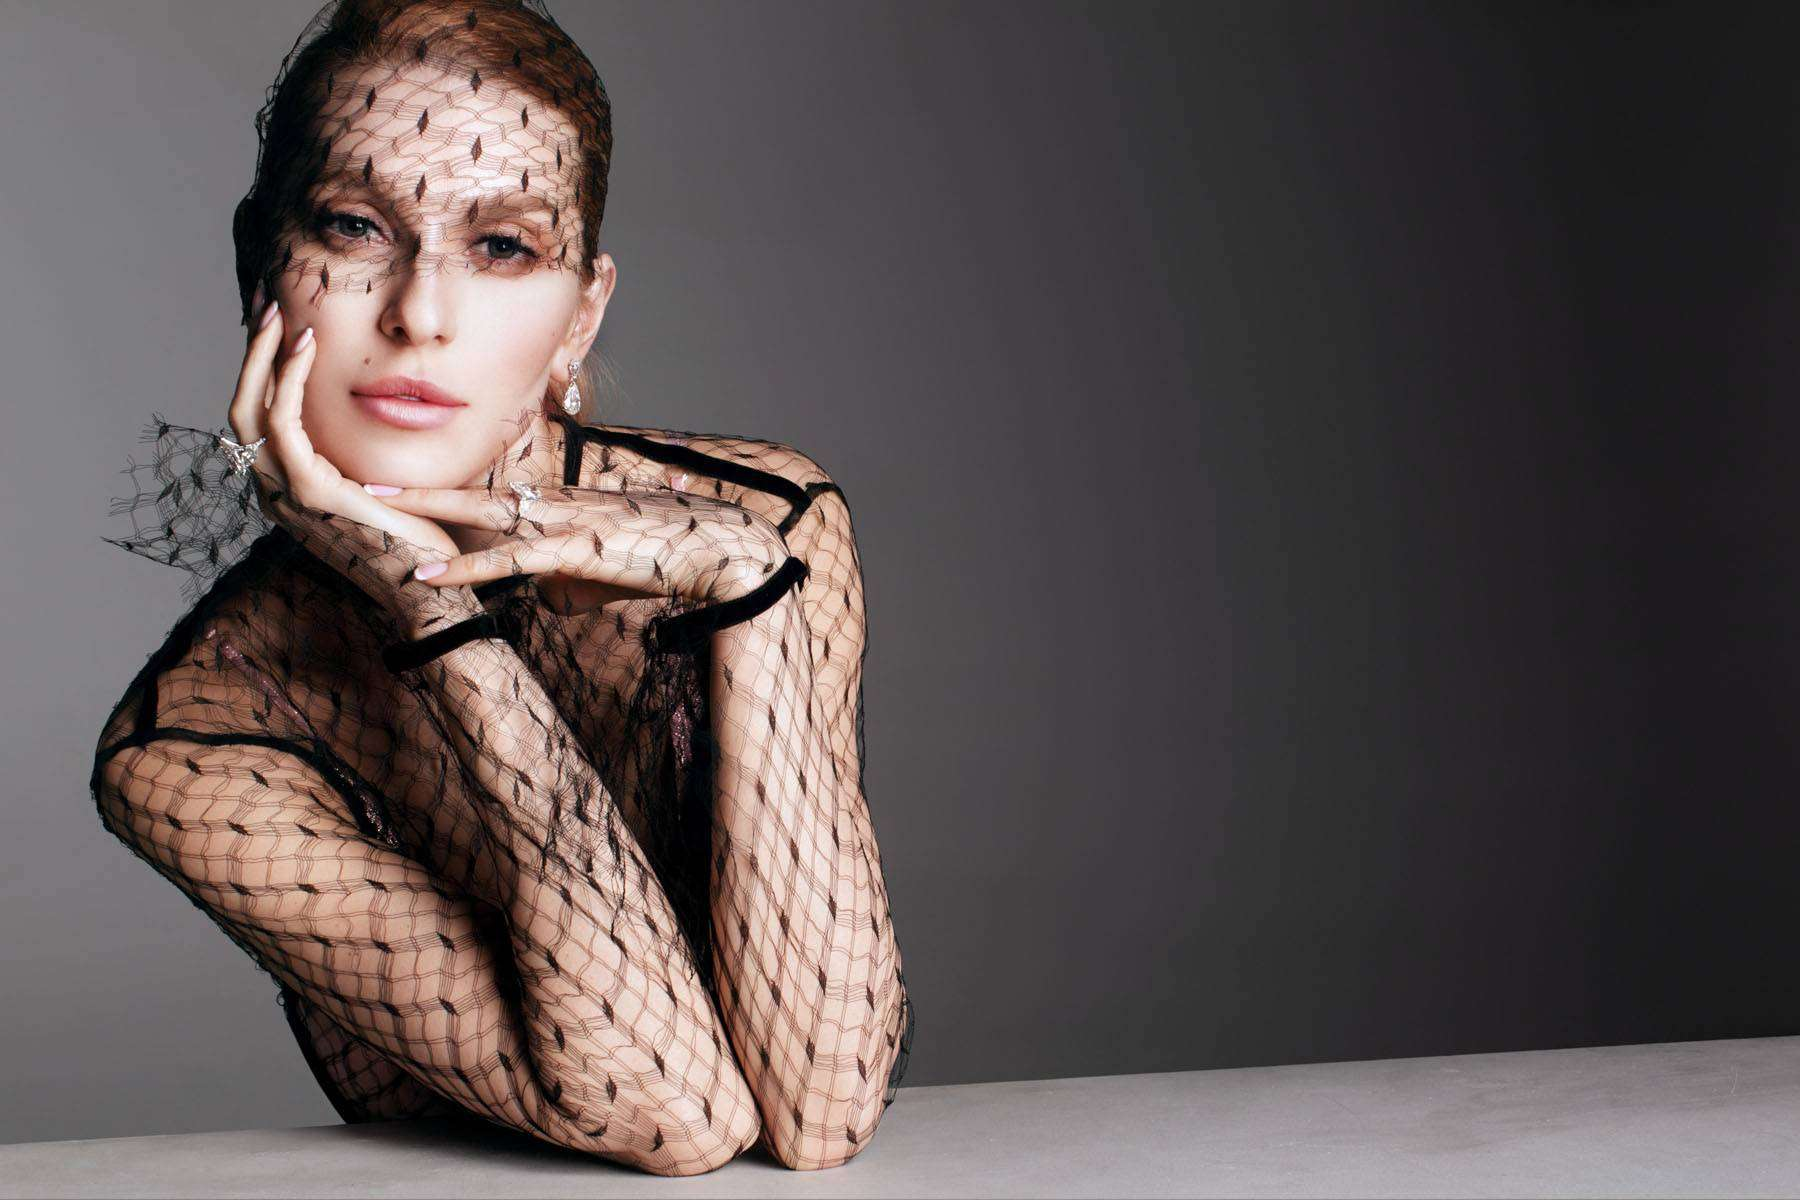 Анна Буткевич из клипа Сергея Лазарева «Это все она»